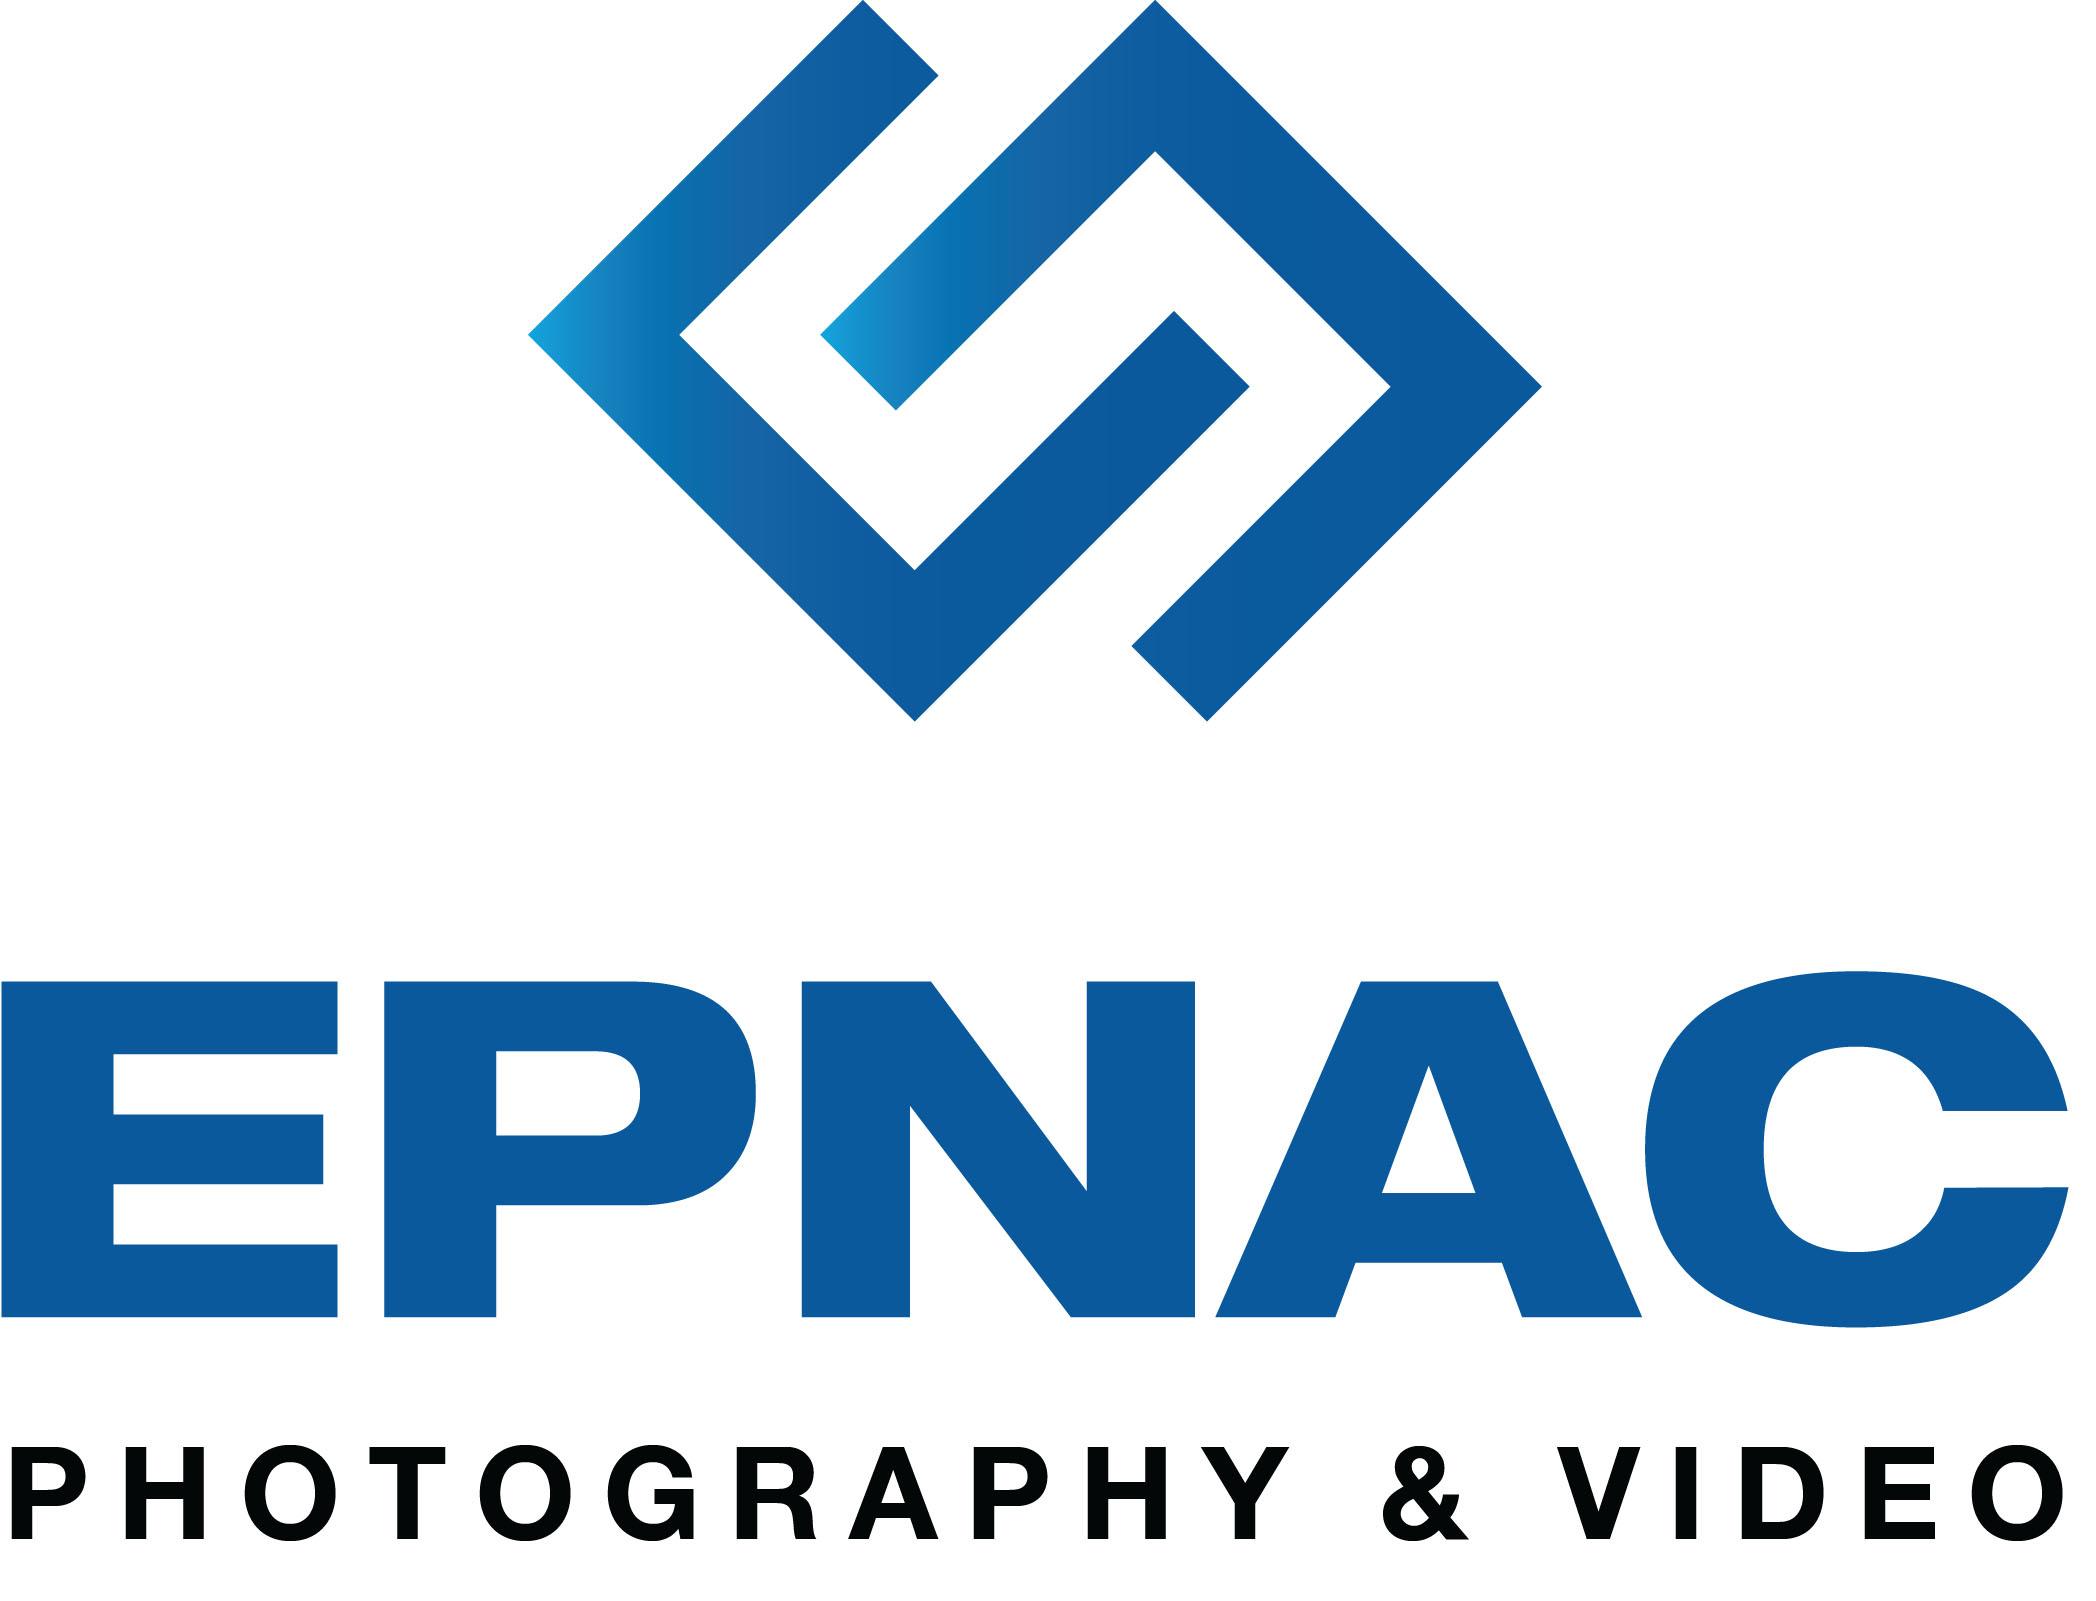 EPNAC